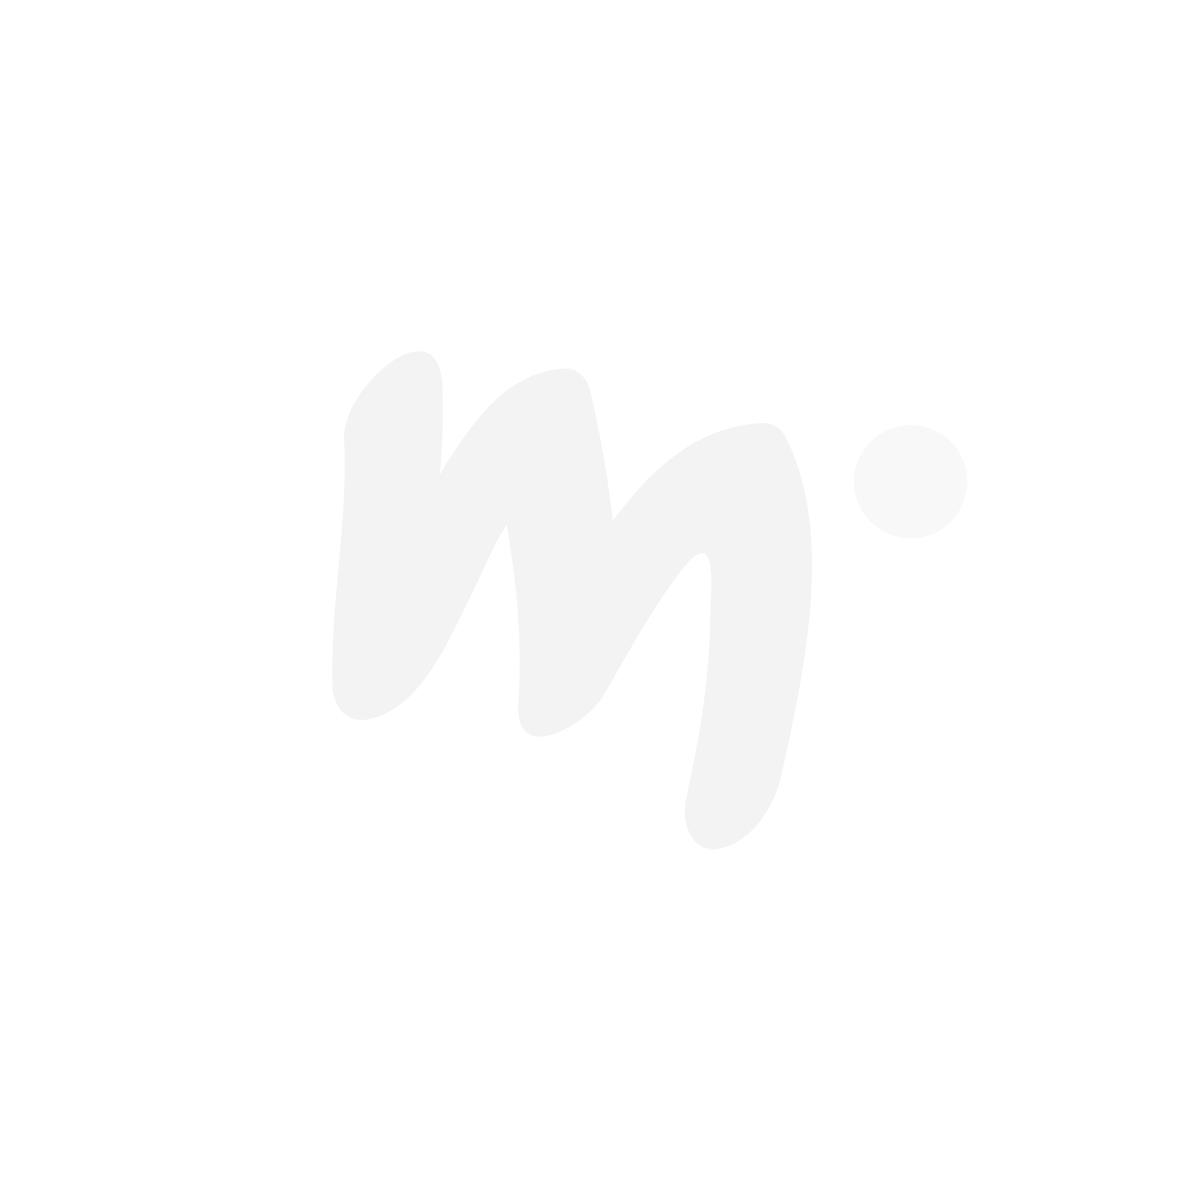 Mx Home Ornamentti-sisustustyynyliina vaaleansininen